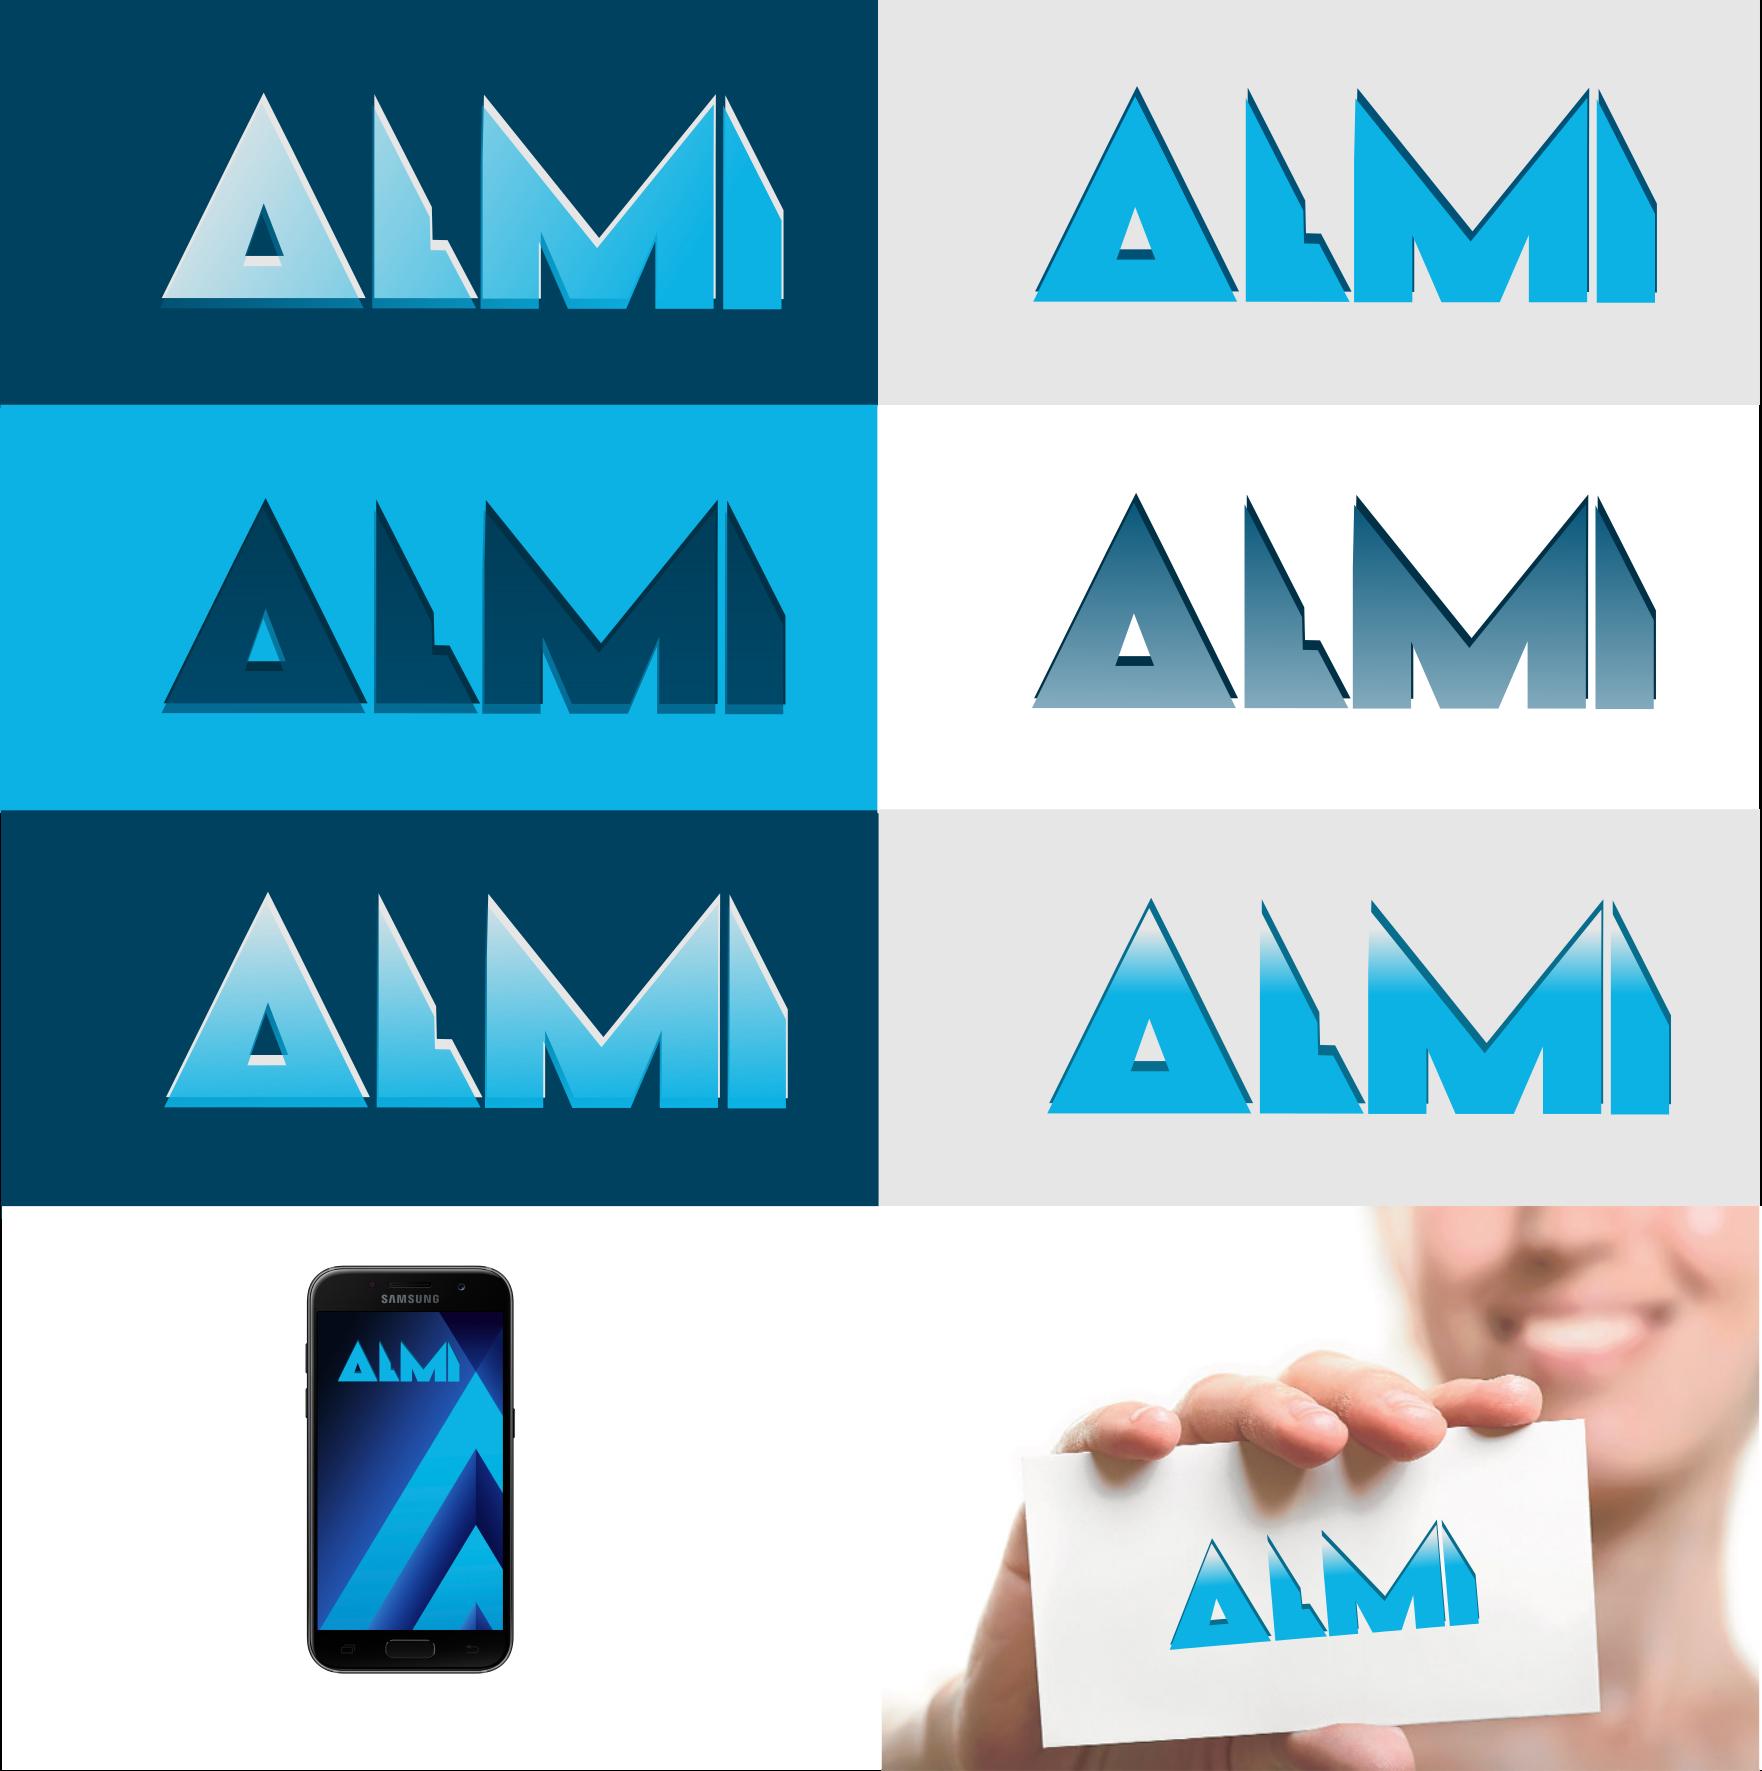 Разработка логотипа и фона фото f_828598bf5787f5fb.png